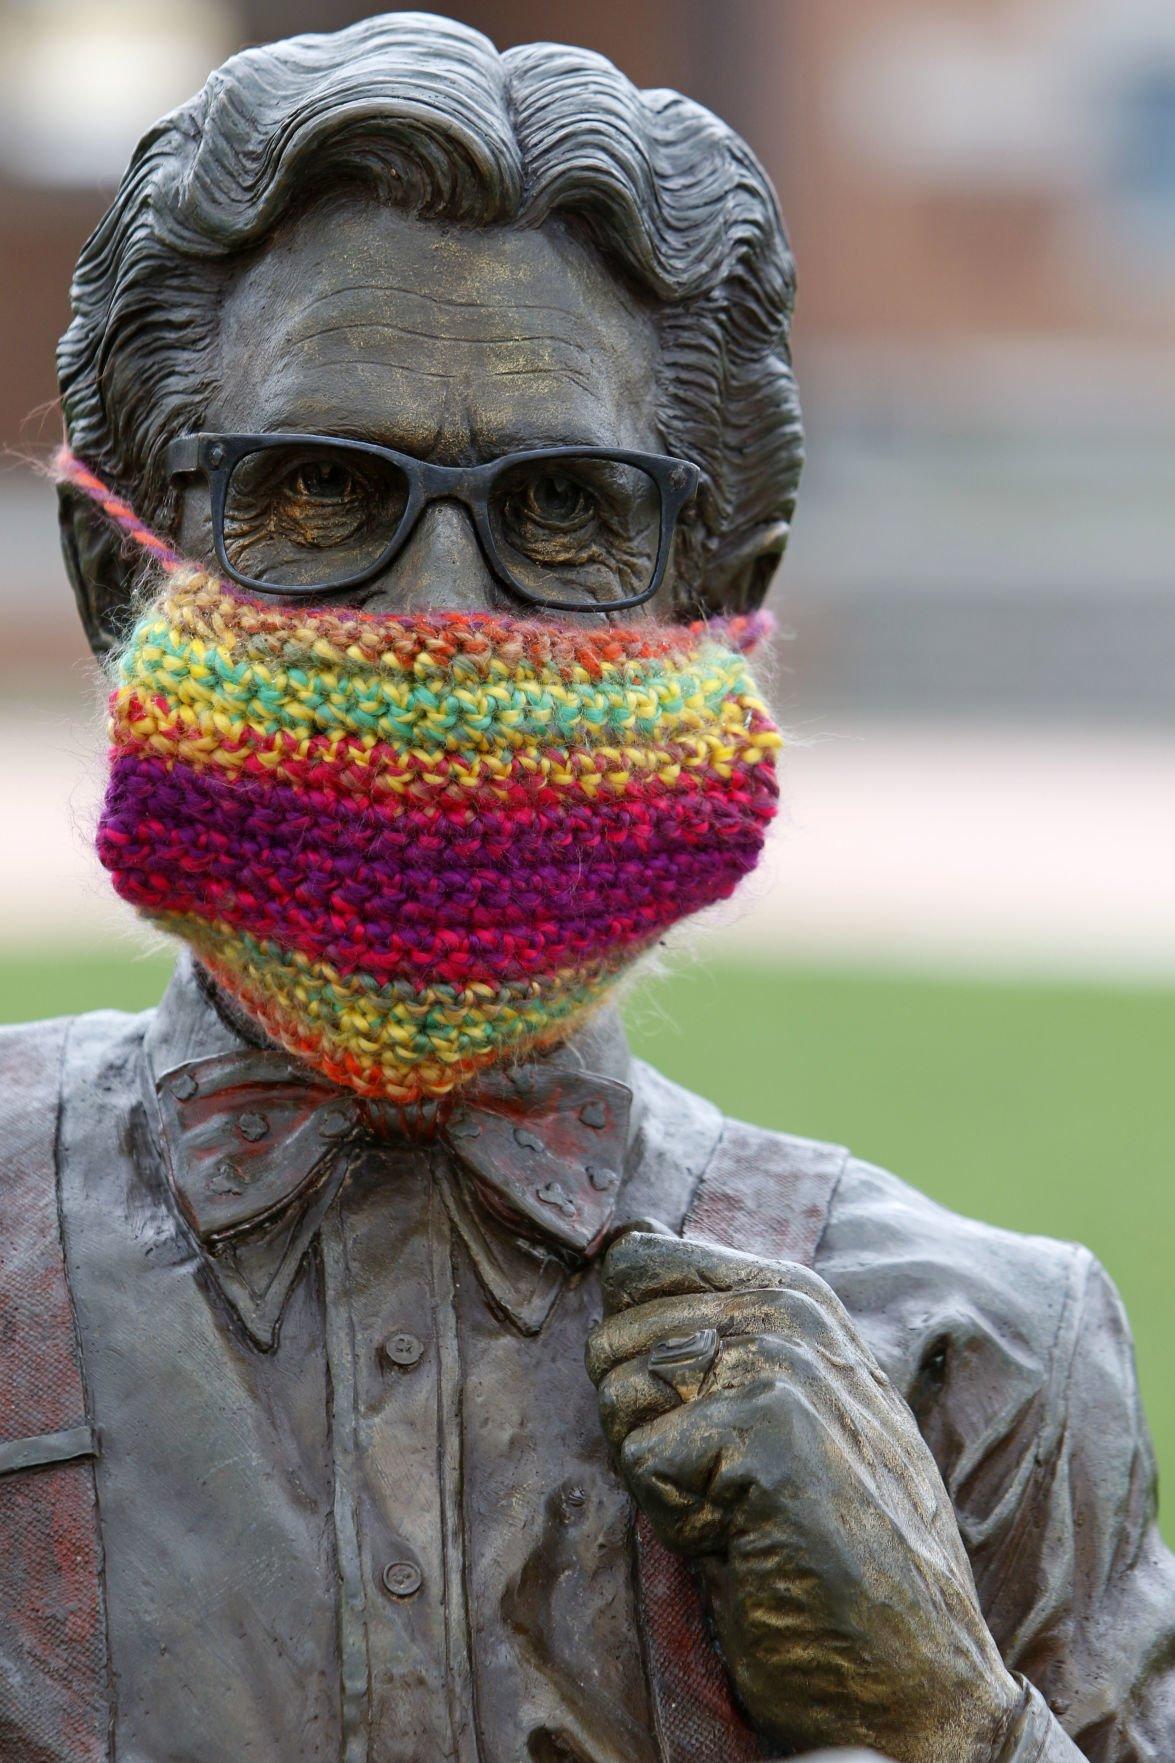 Orville Redenbacher statue FILE PHOTO